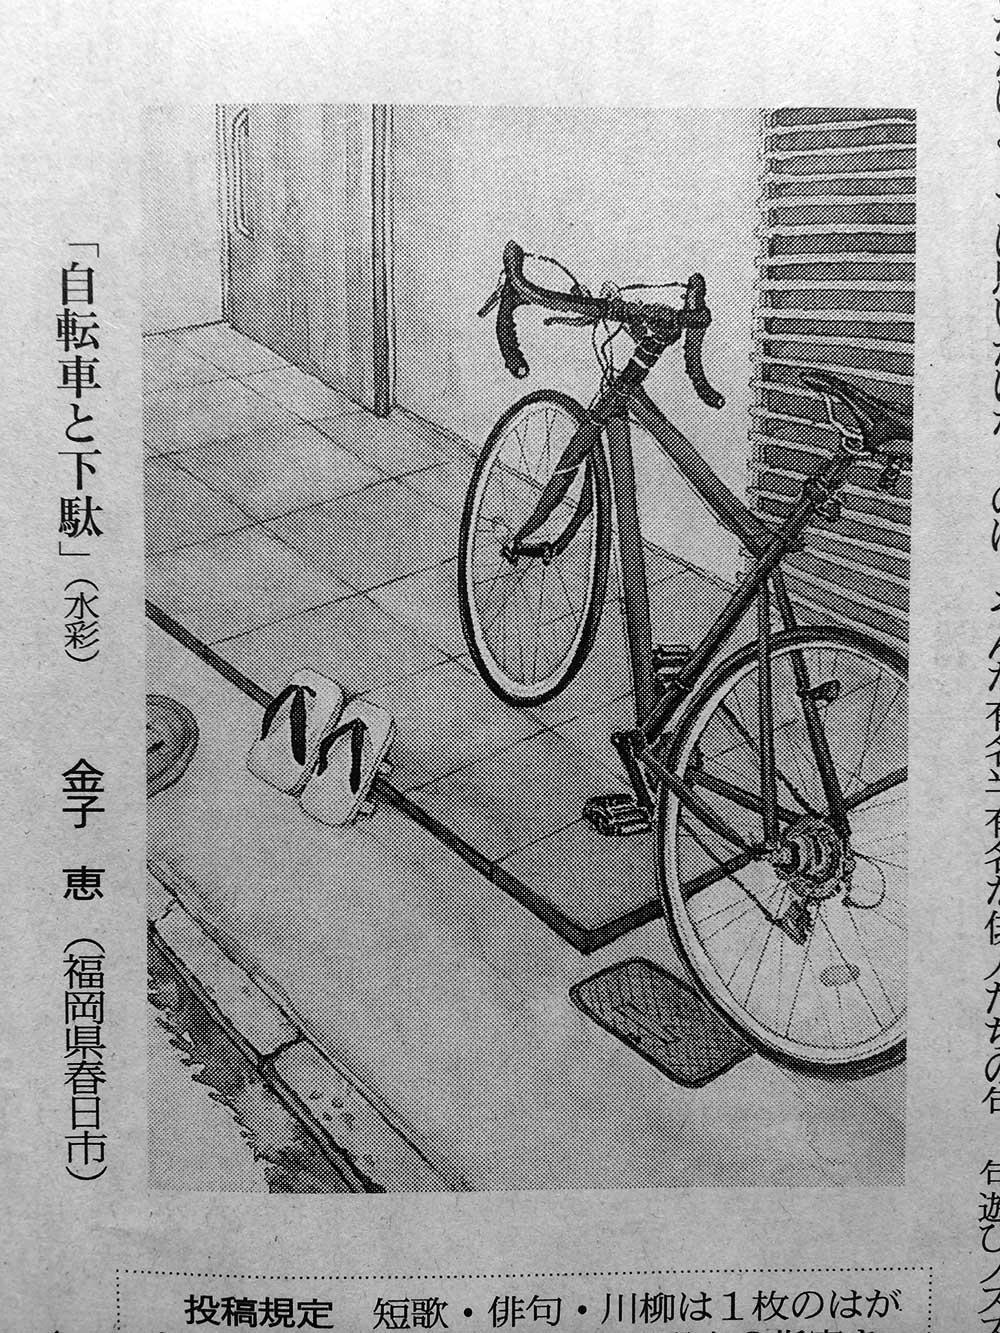 2014年6月2日(月)『自転車と下駄』